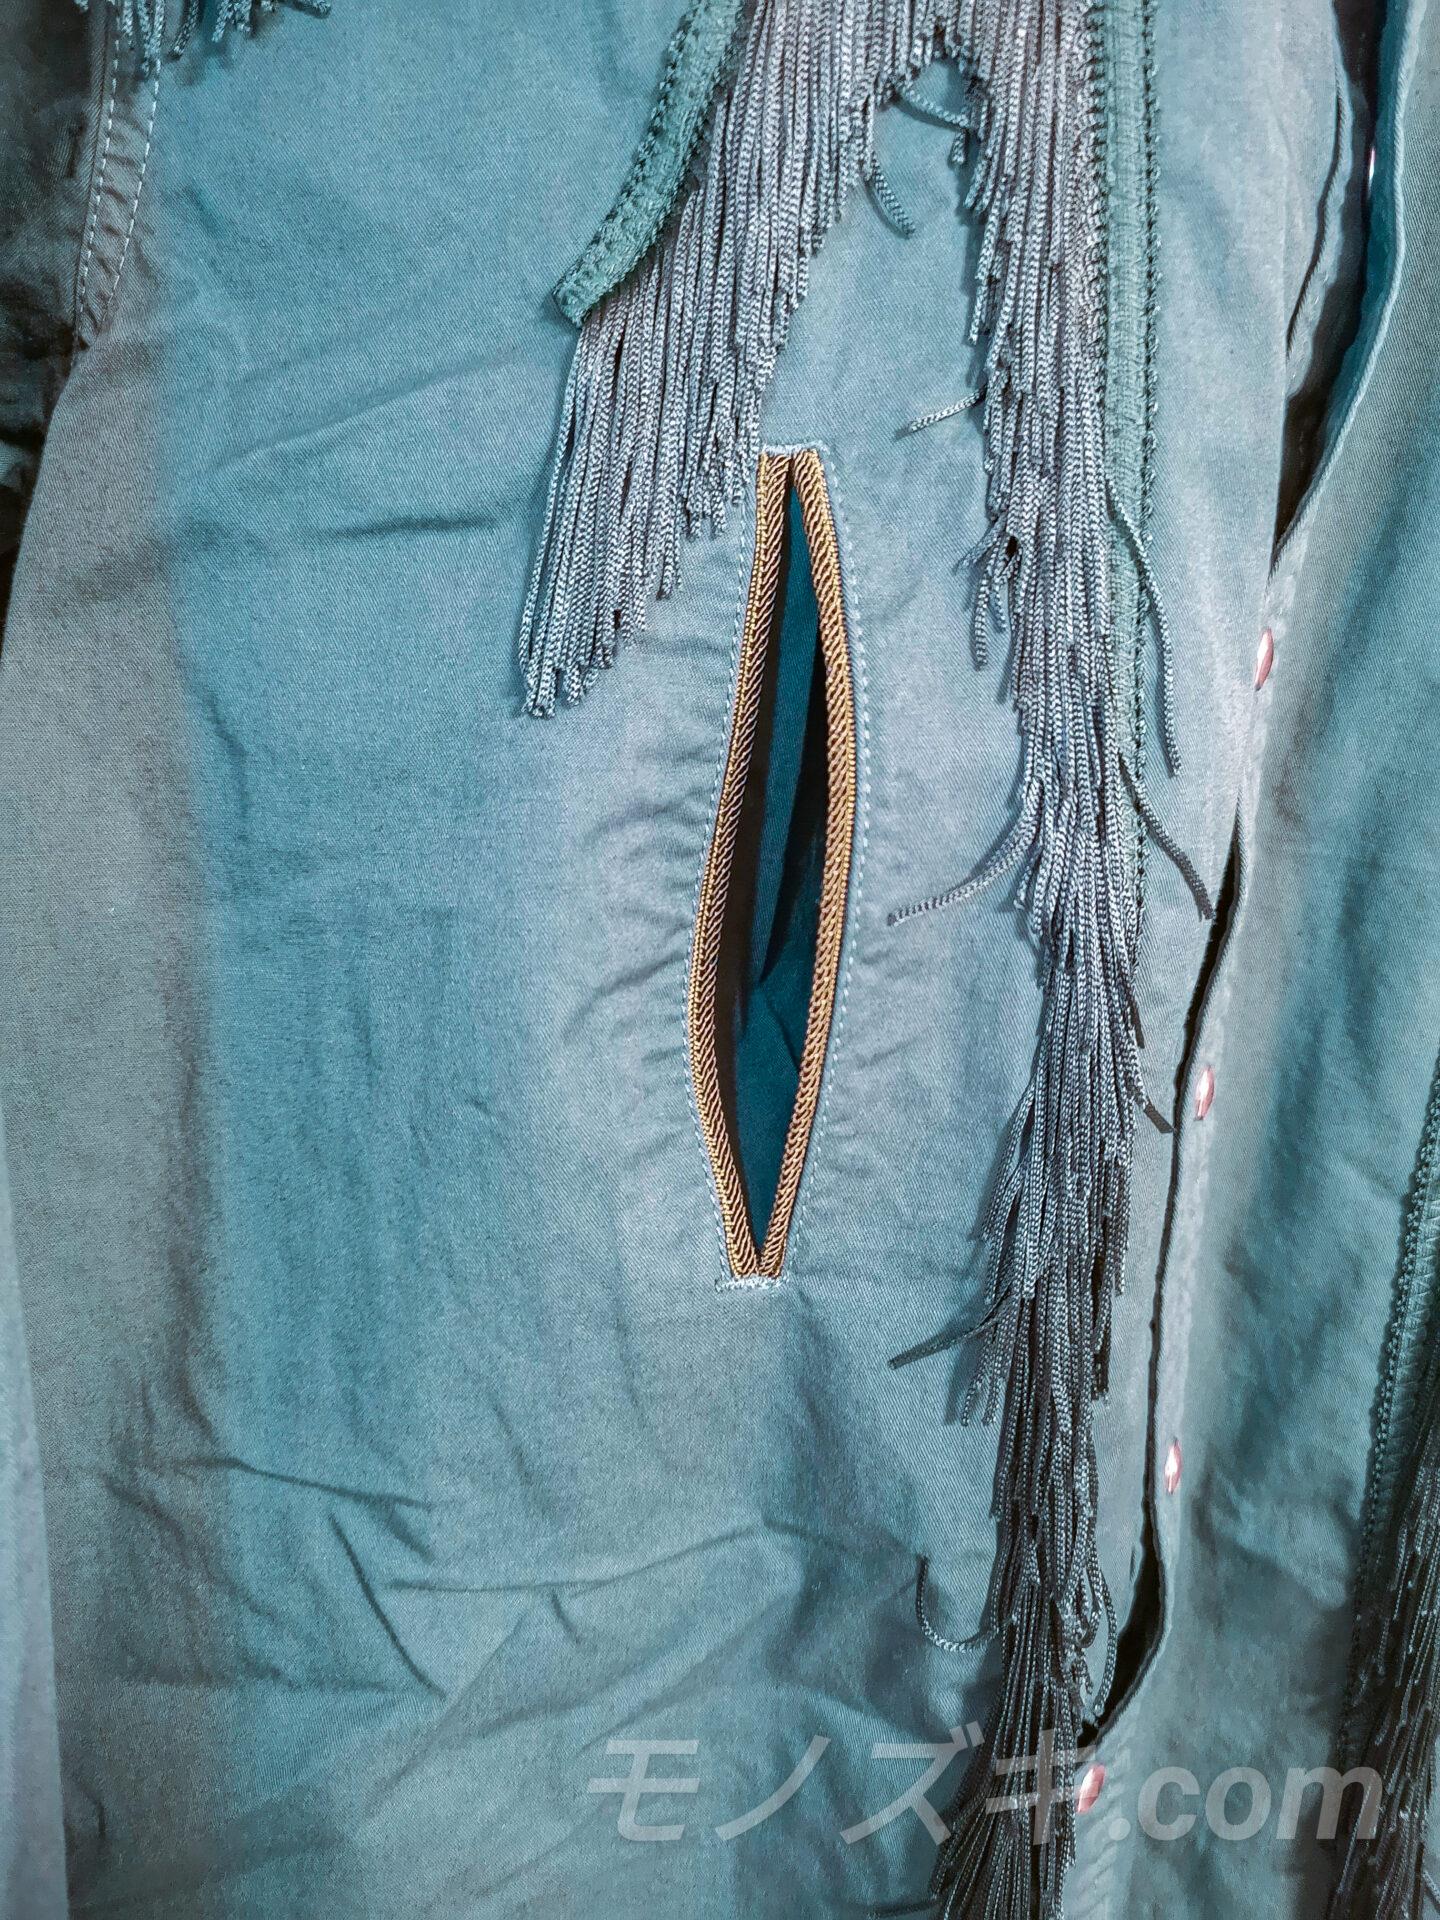 TOGA VIRILIS ウエスタンシャツ 胸元ポケット